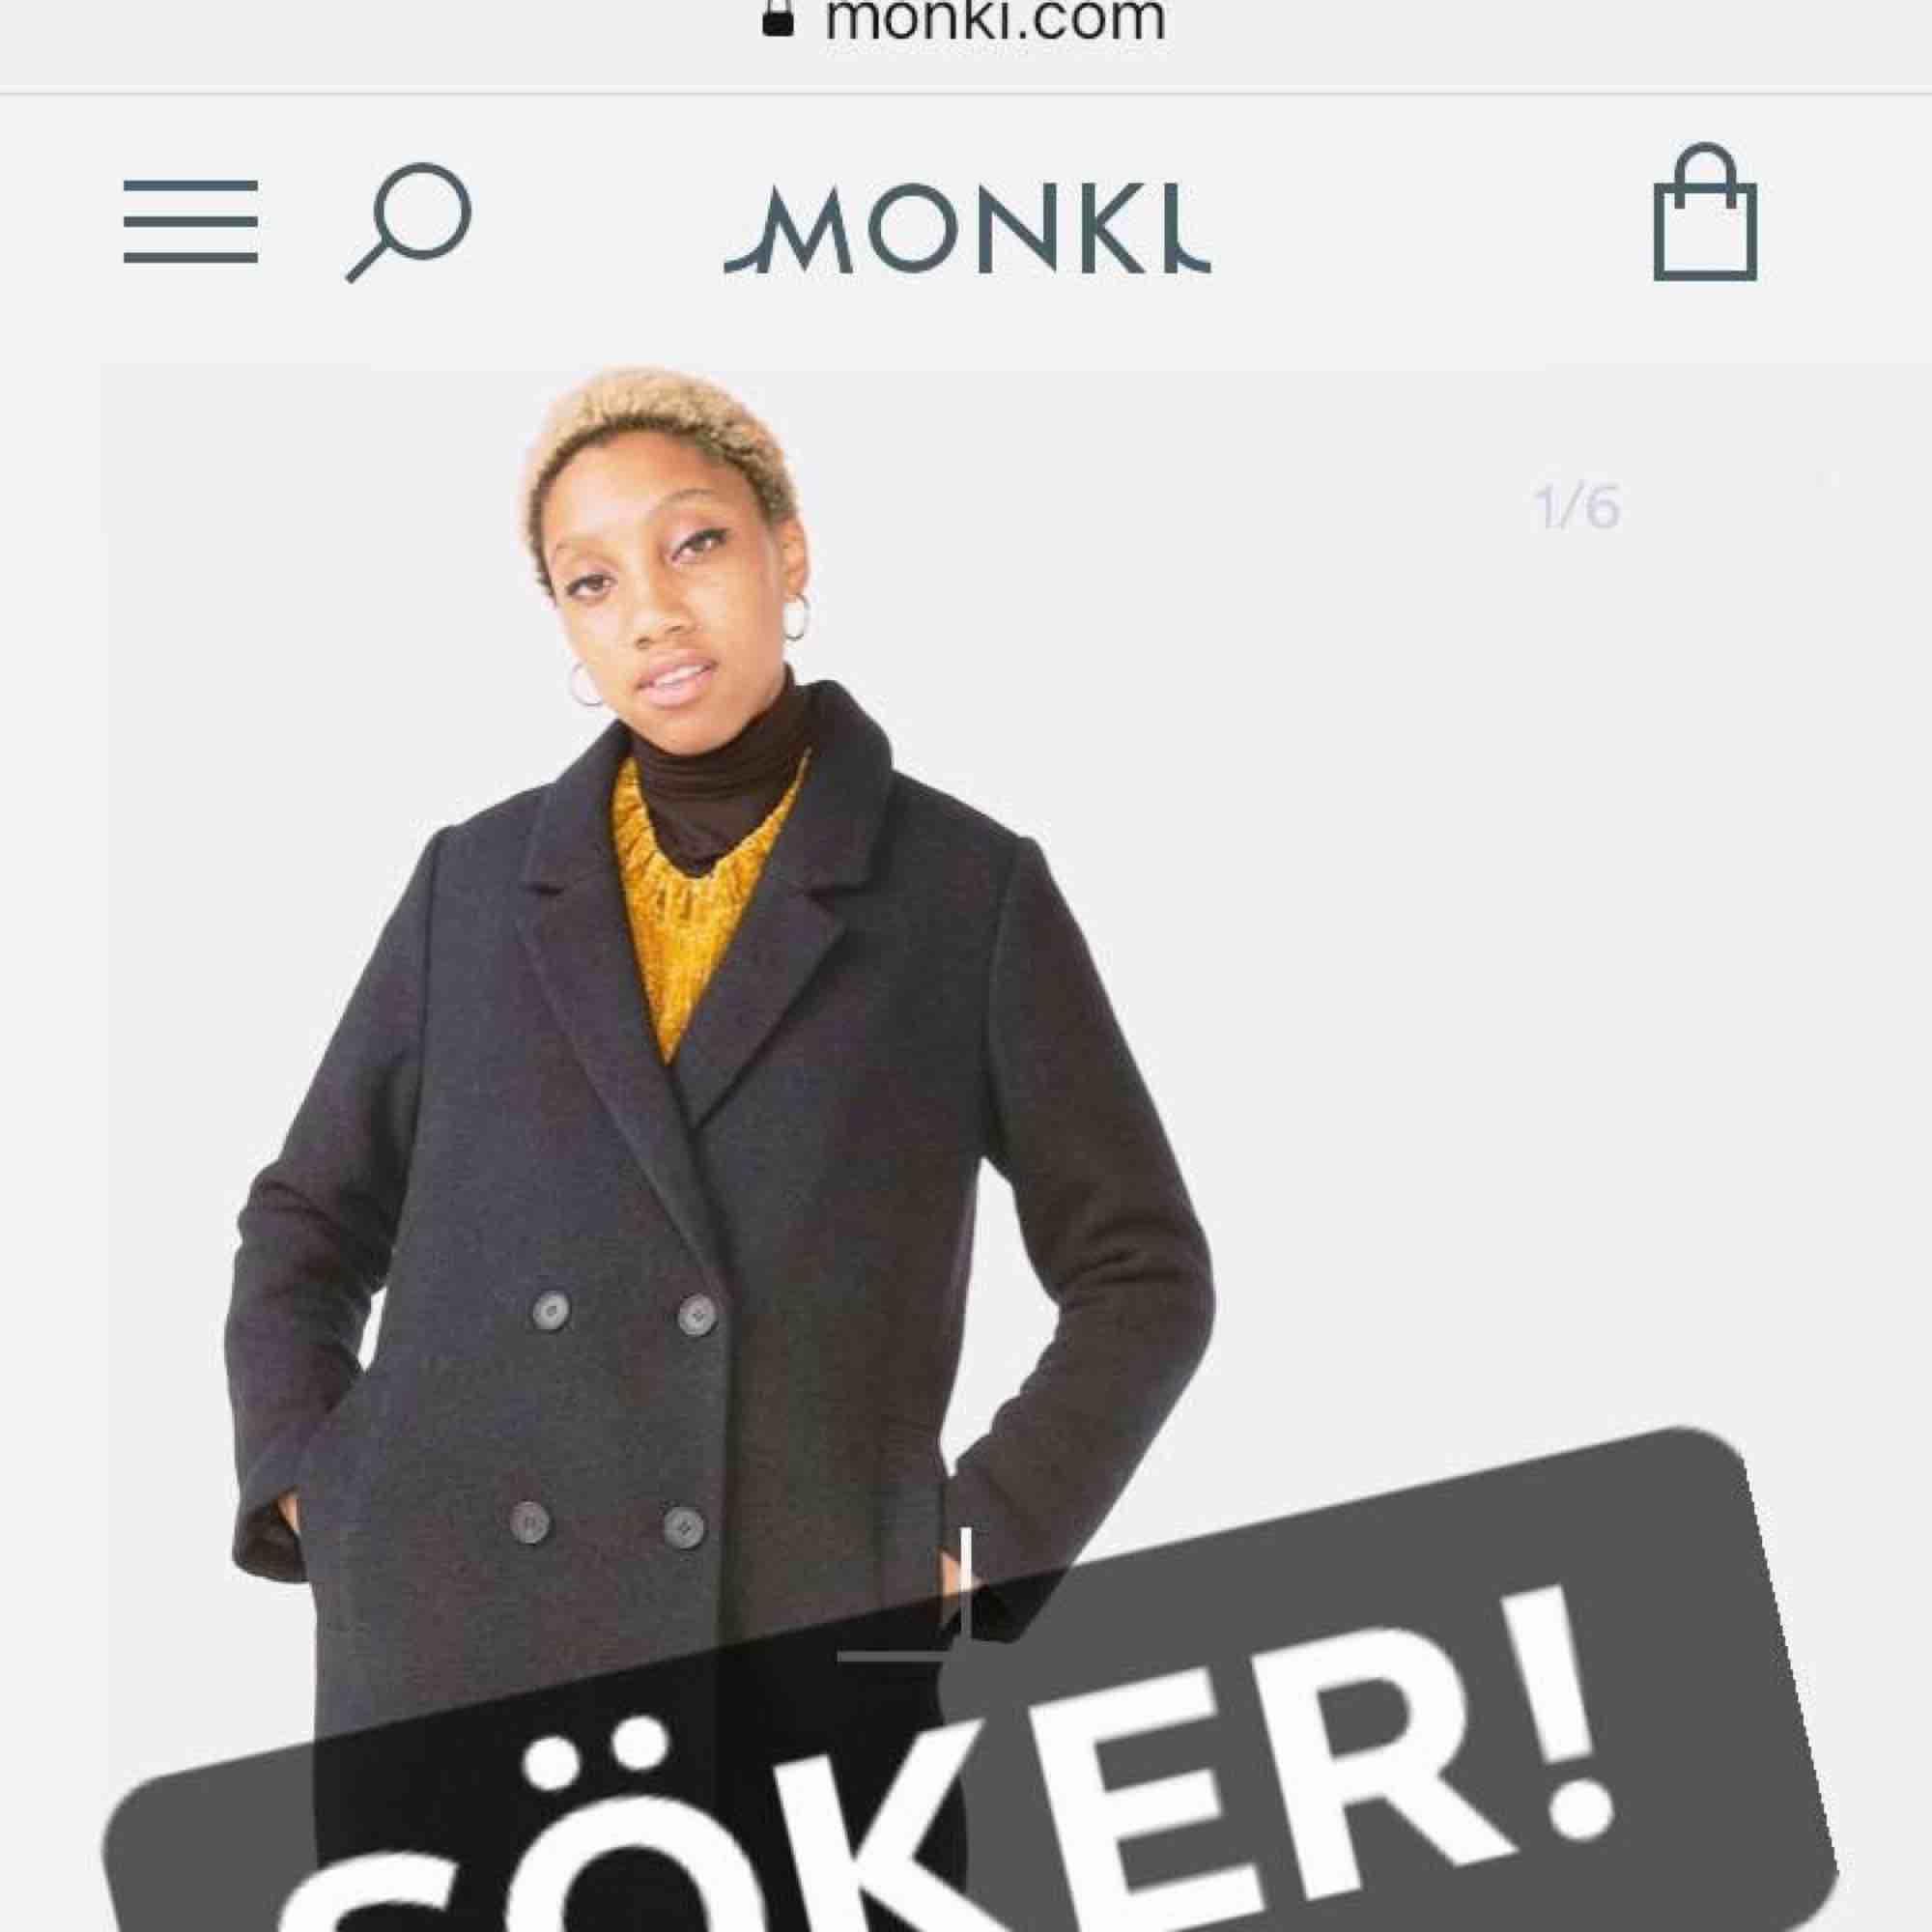 ff0d1c0e SØG Klassisk jakke i uldblanding fra Monki! I størrelse M Ville være så  glad!